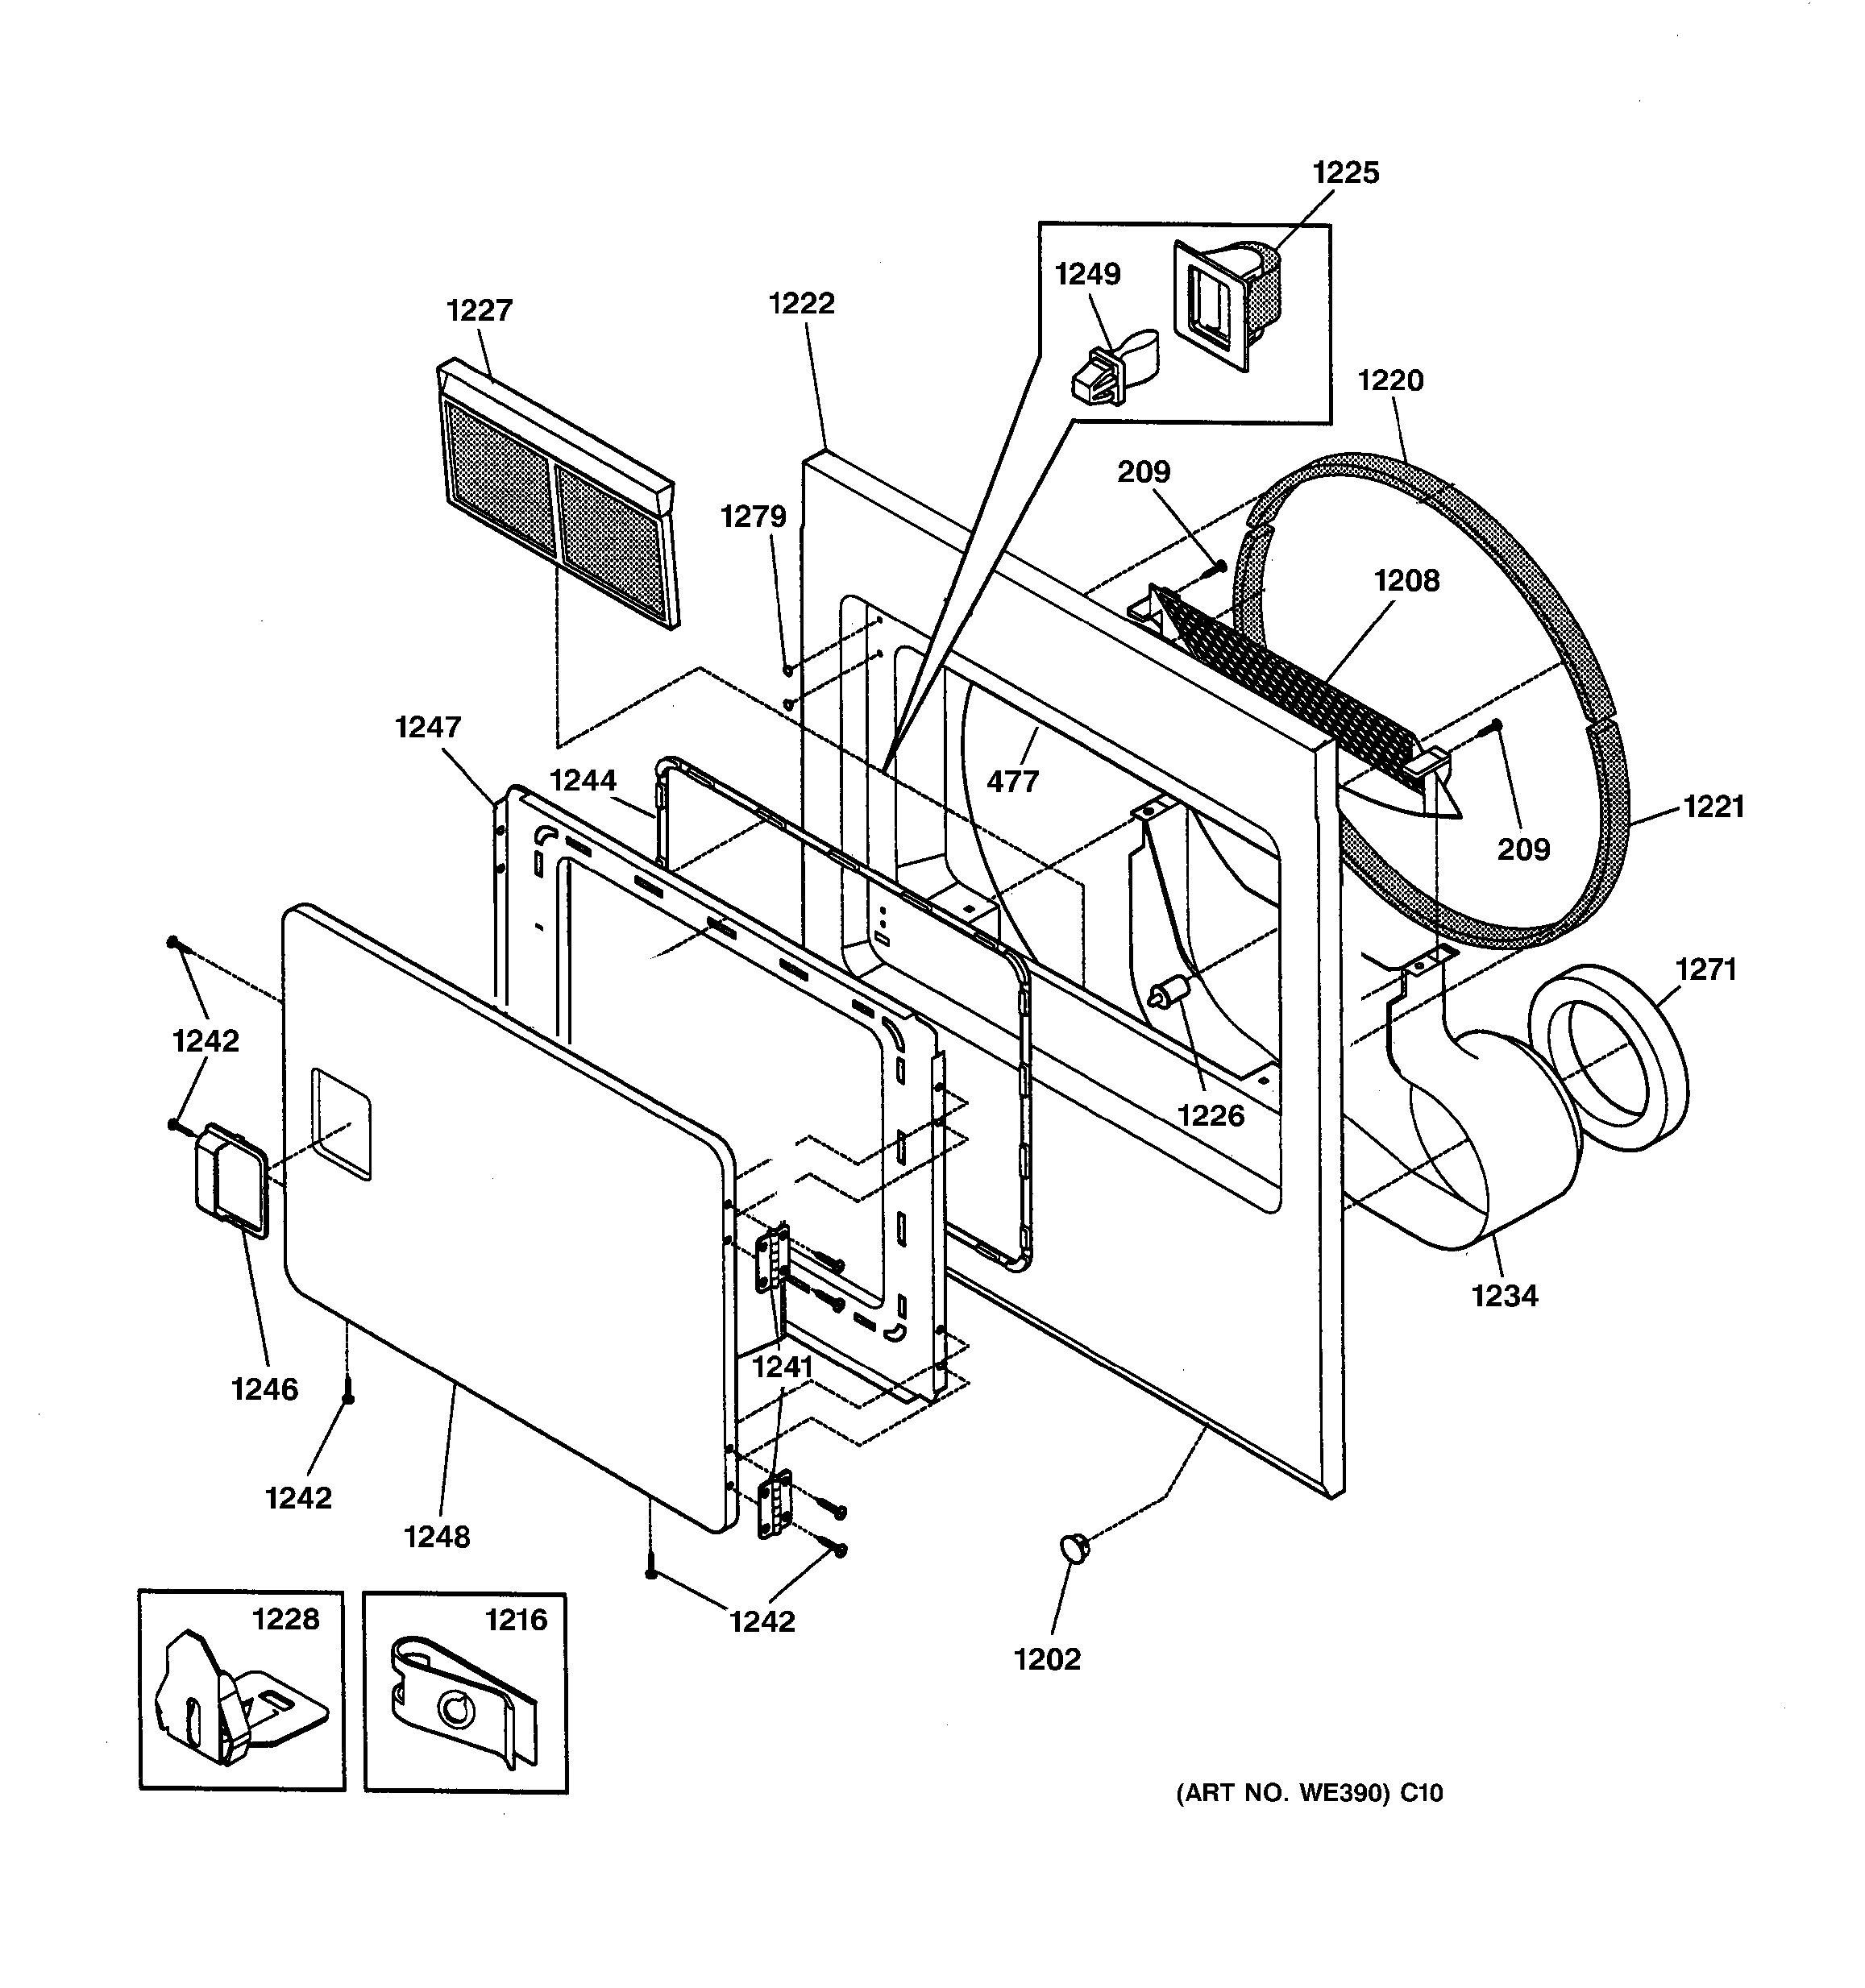 wiring diagram nvl